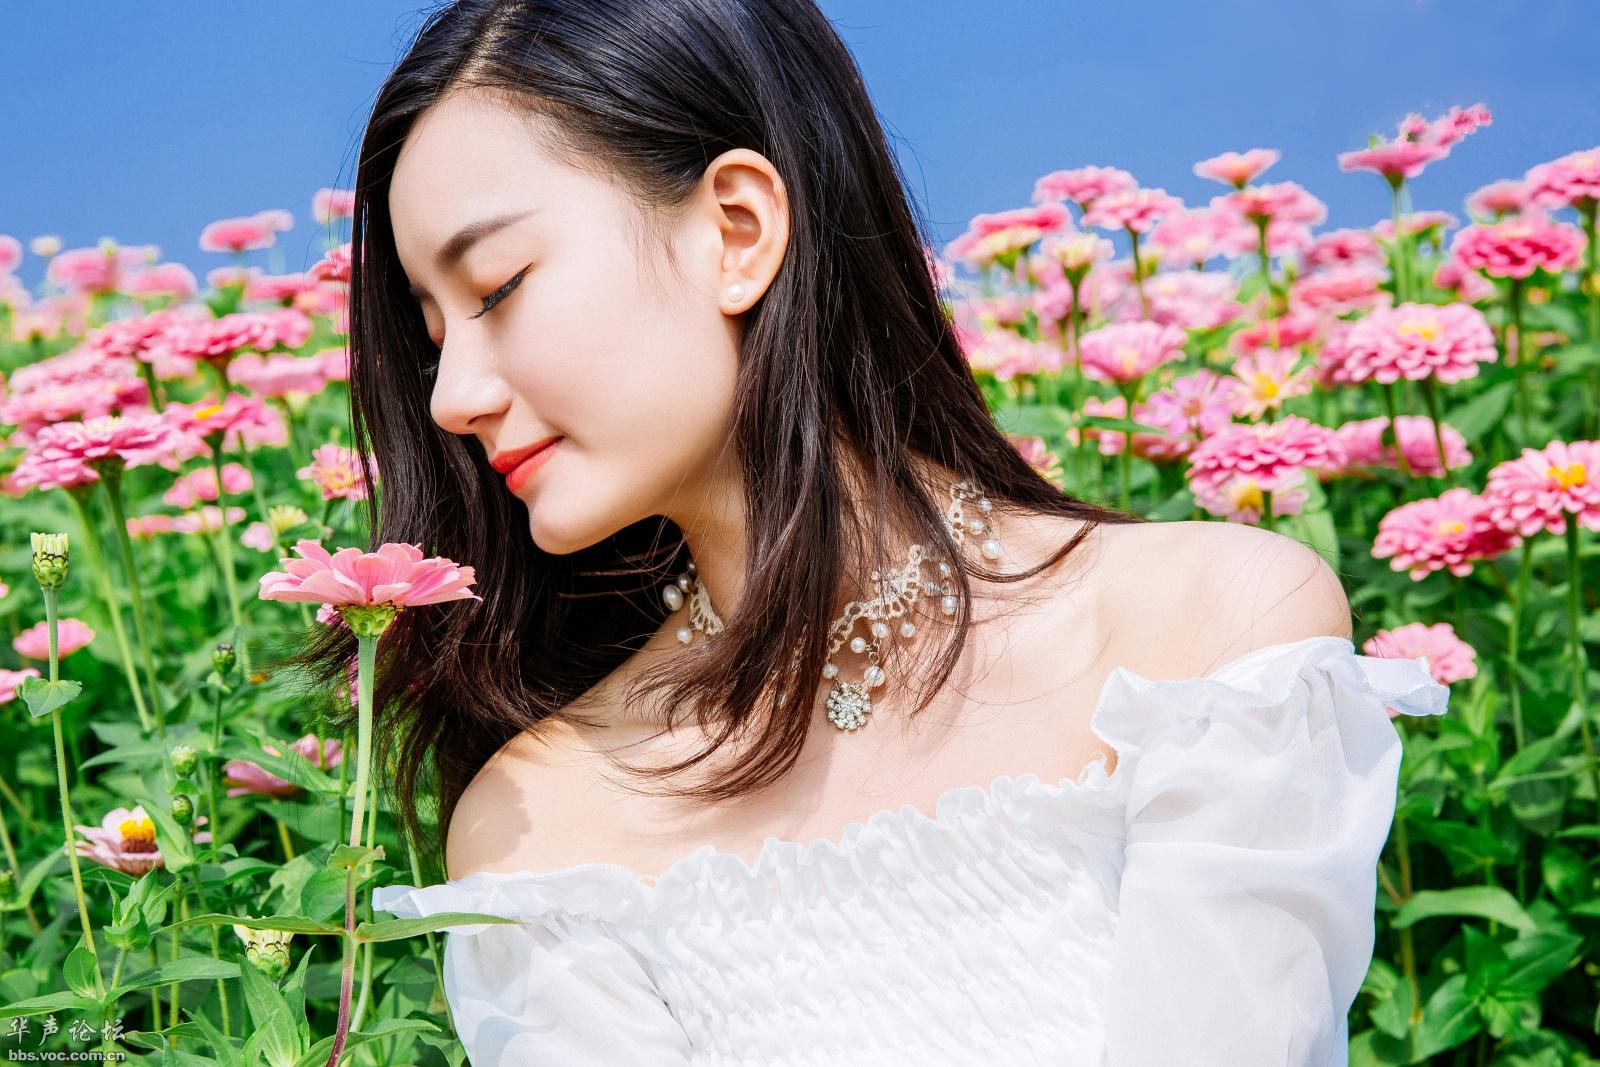 温一壶深情,饮下思念【情感美文】 - 花仙子 - 花仙子的博客